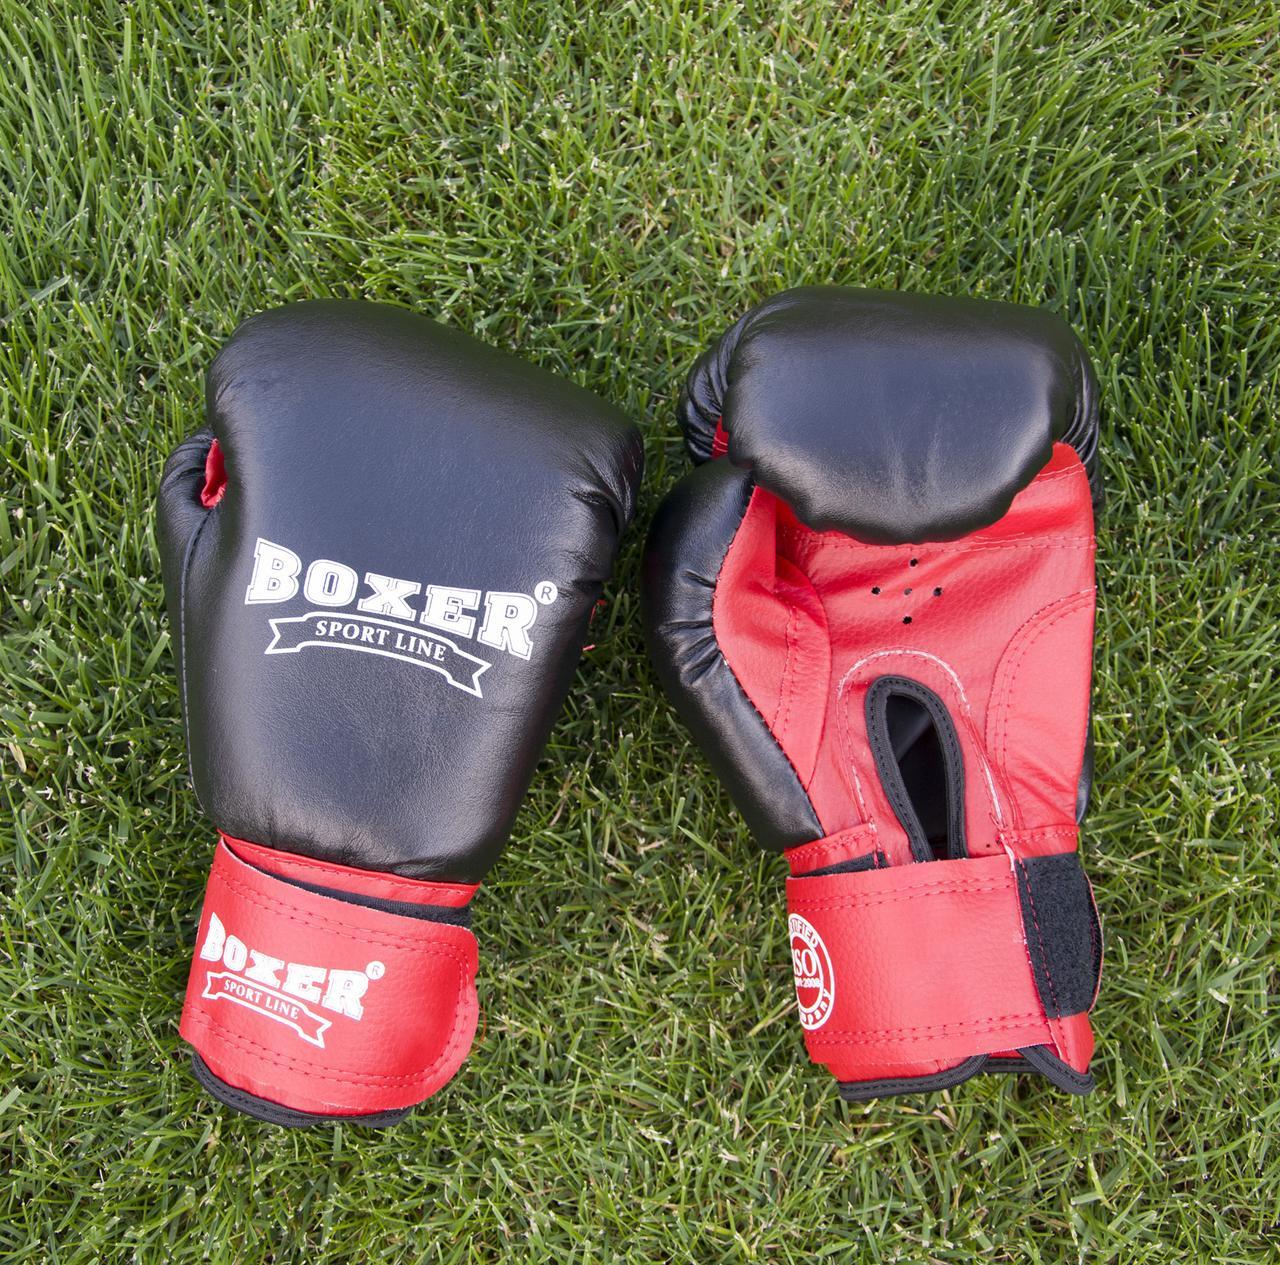 Дитячі боксерські рукавички комбіновані Boxer 8 унцій (bx-0030)